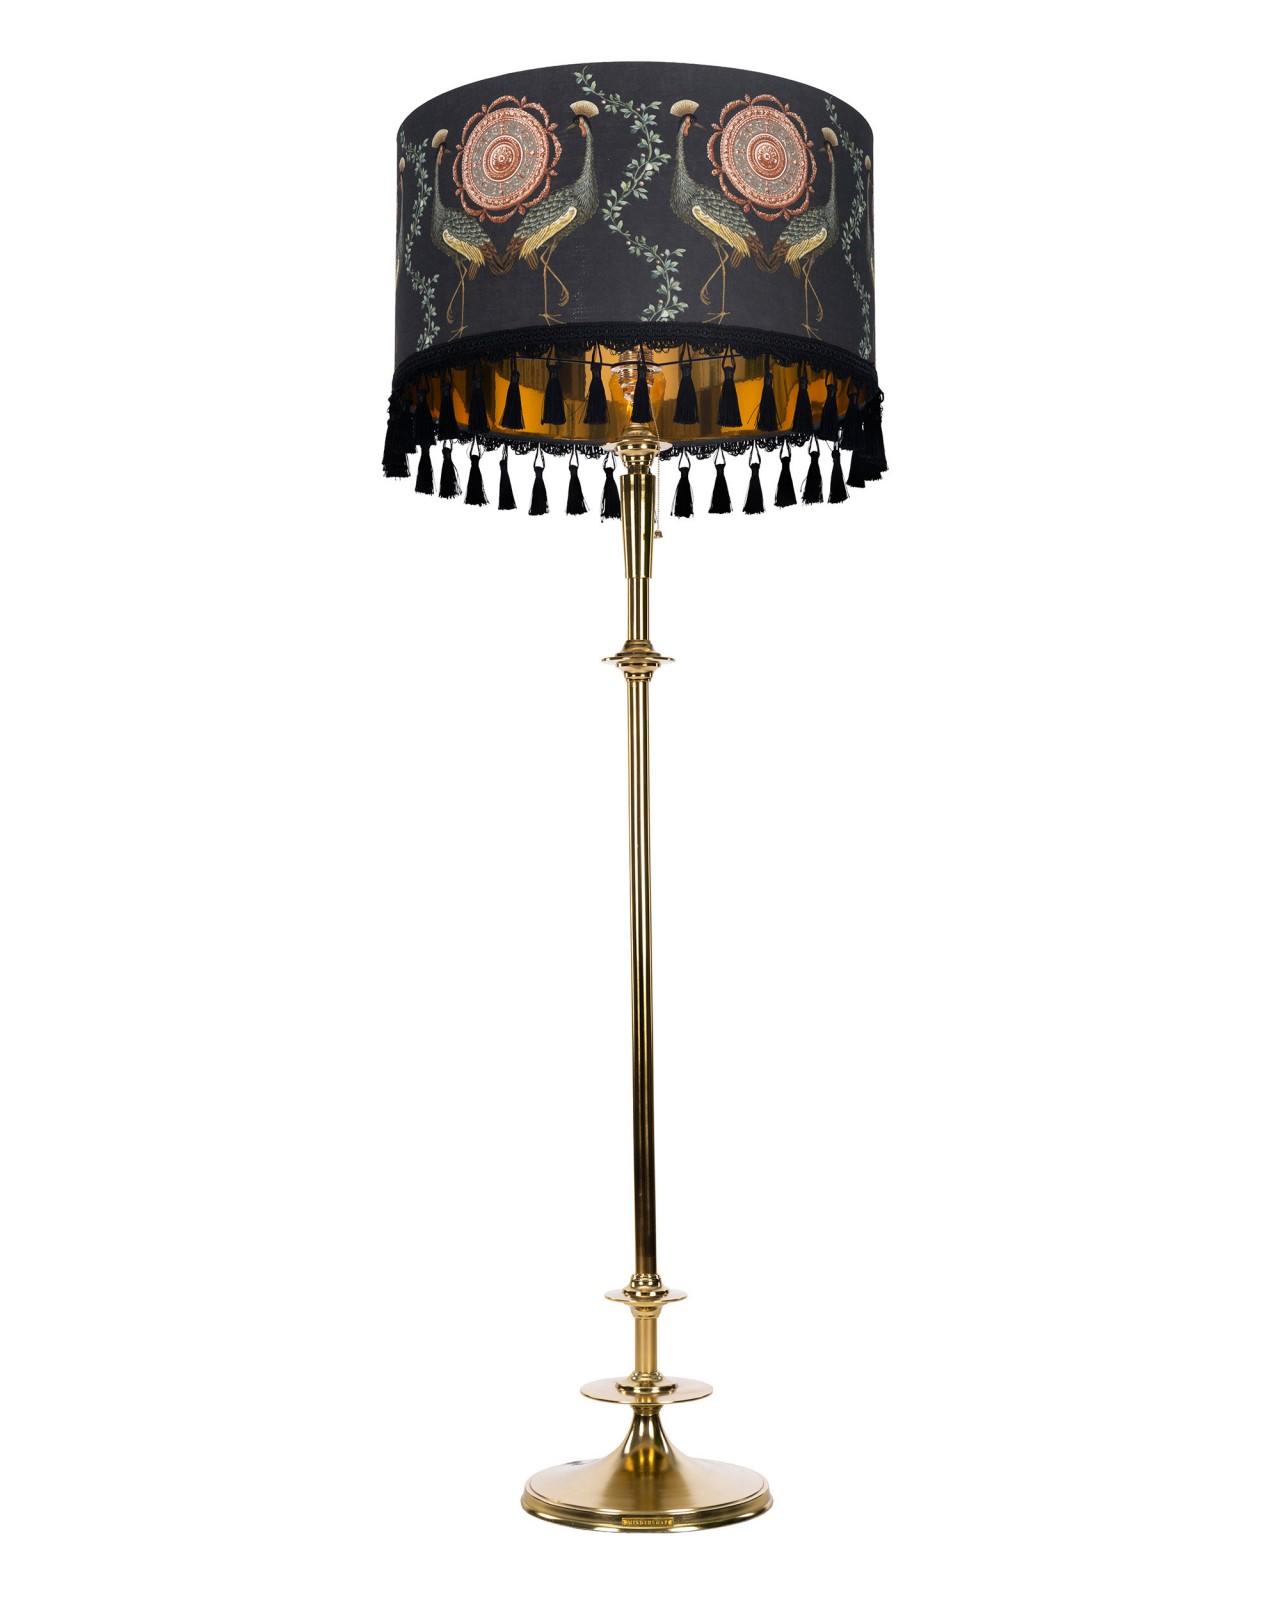 GARDEN BIRDS REGENCY Floor Lamp